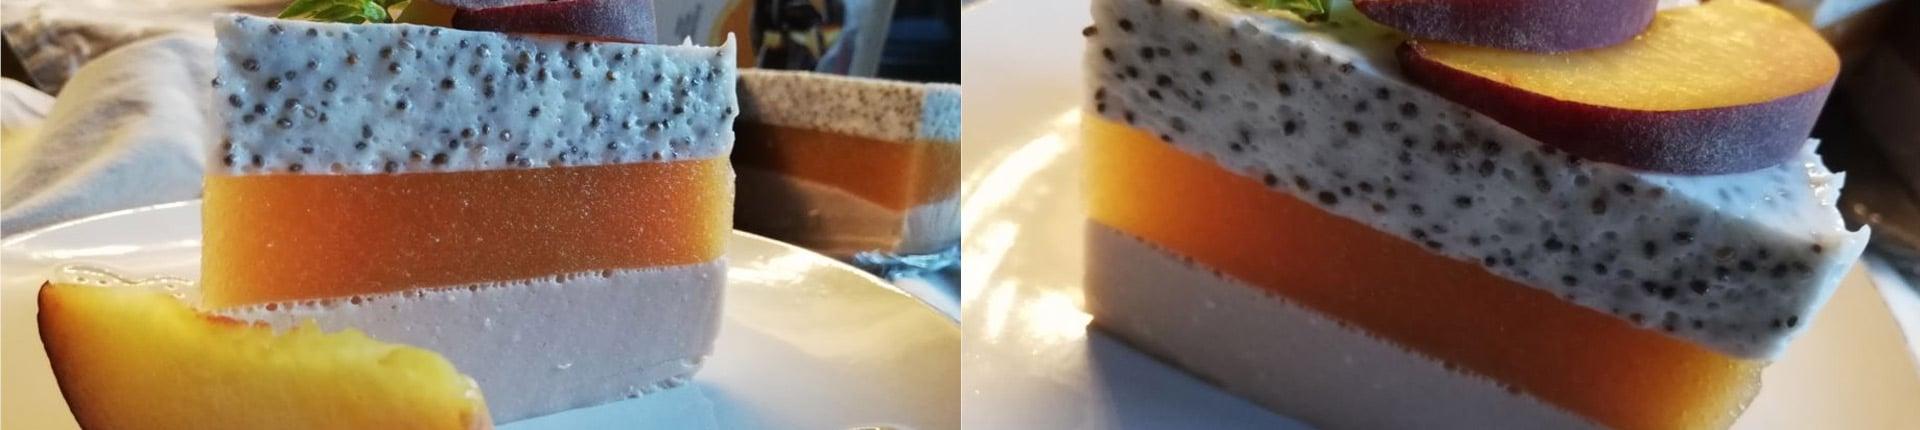 Proteinowo - brzoskwiniowy sernik na zimno